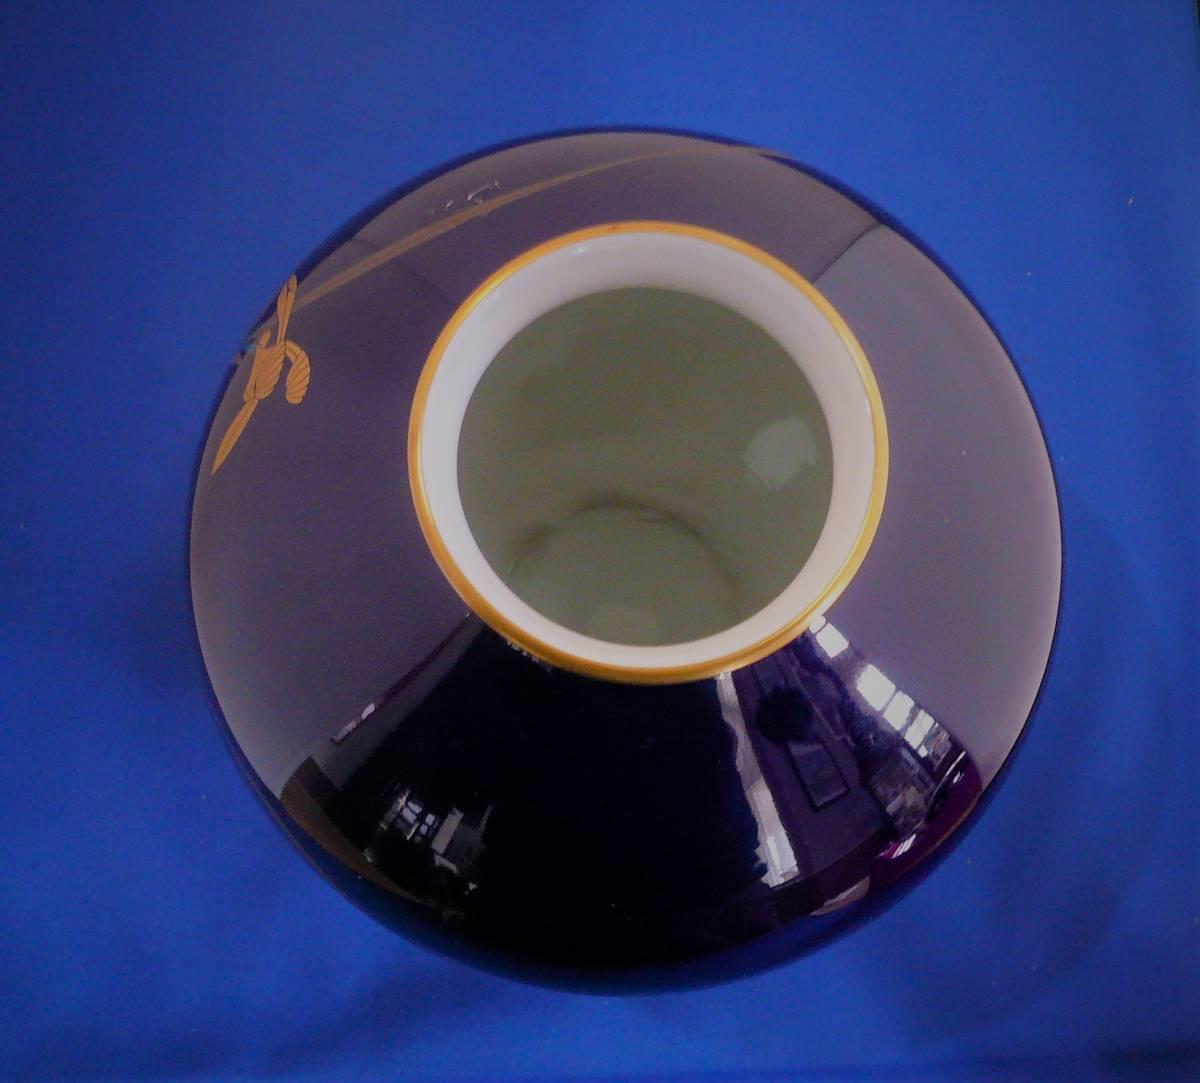 美術品47)香蘭社の瑠璃花瓶木箱入り アヤメの絵柄  高さ18.5㎝ 胴径17㎝ 底7㎝ 大幅改正値下スタート _画像5